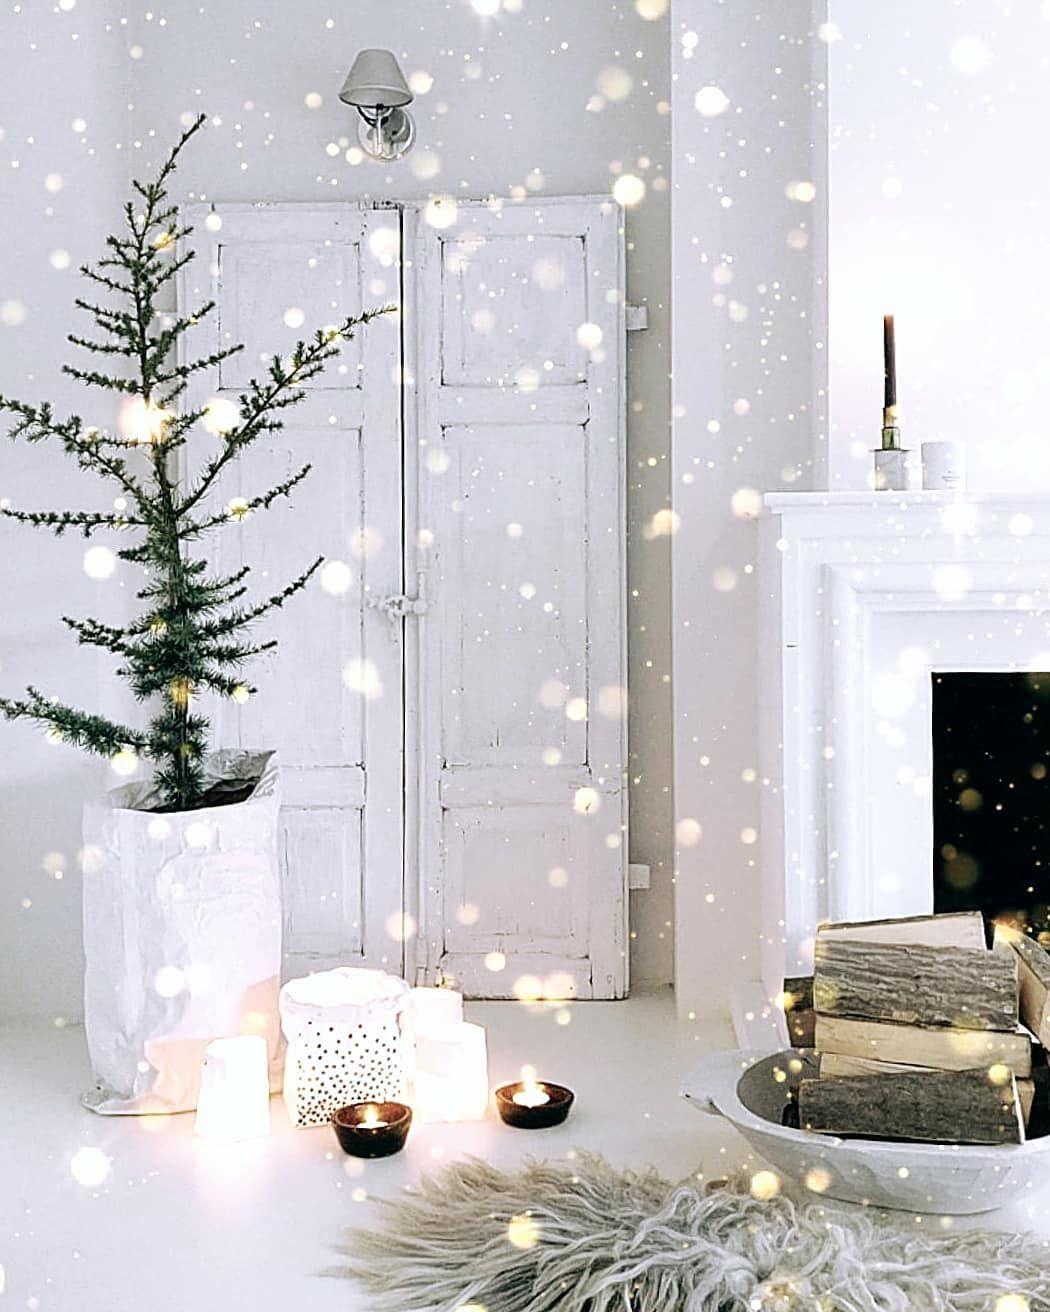 Joulutunnelmaa Fun Christmas Decorations Beautiful Christmas Christmas Inspiration